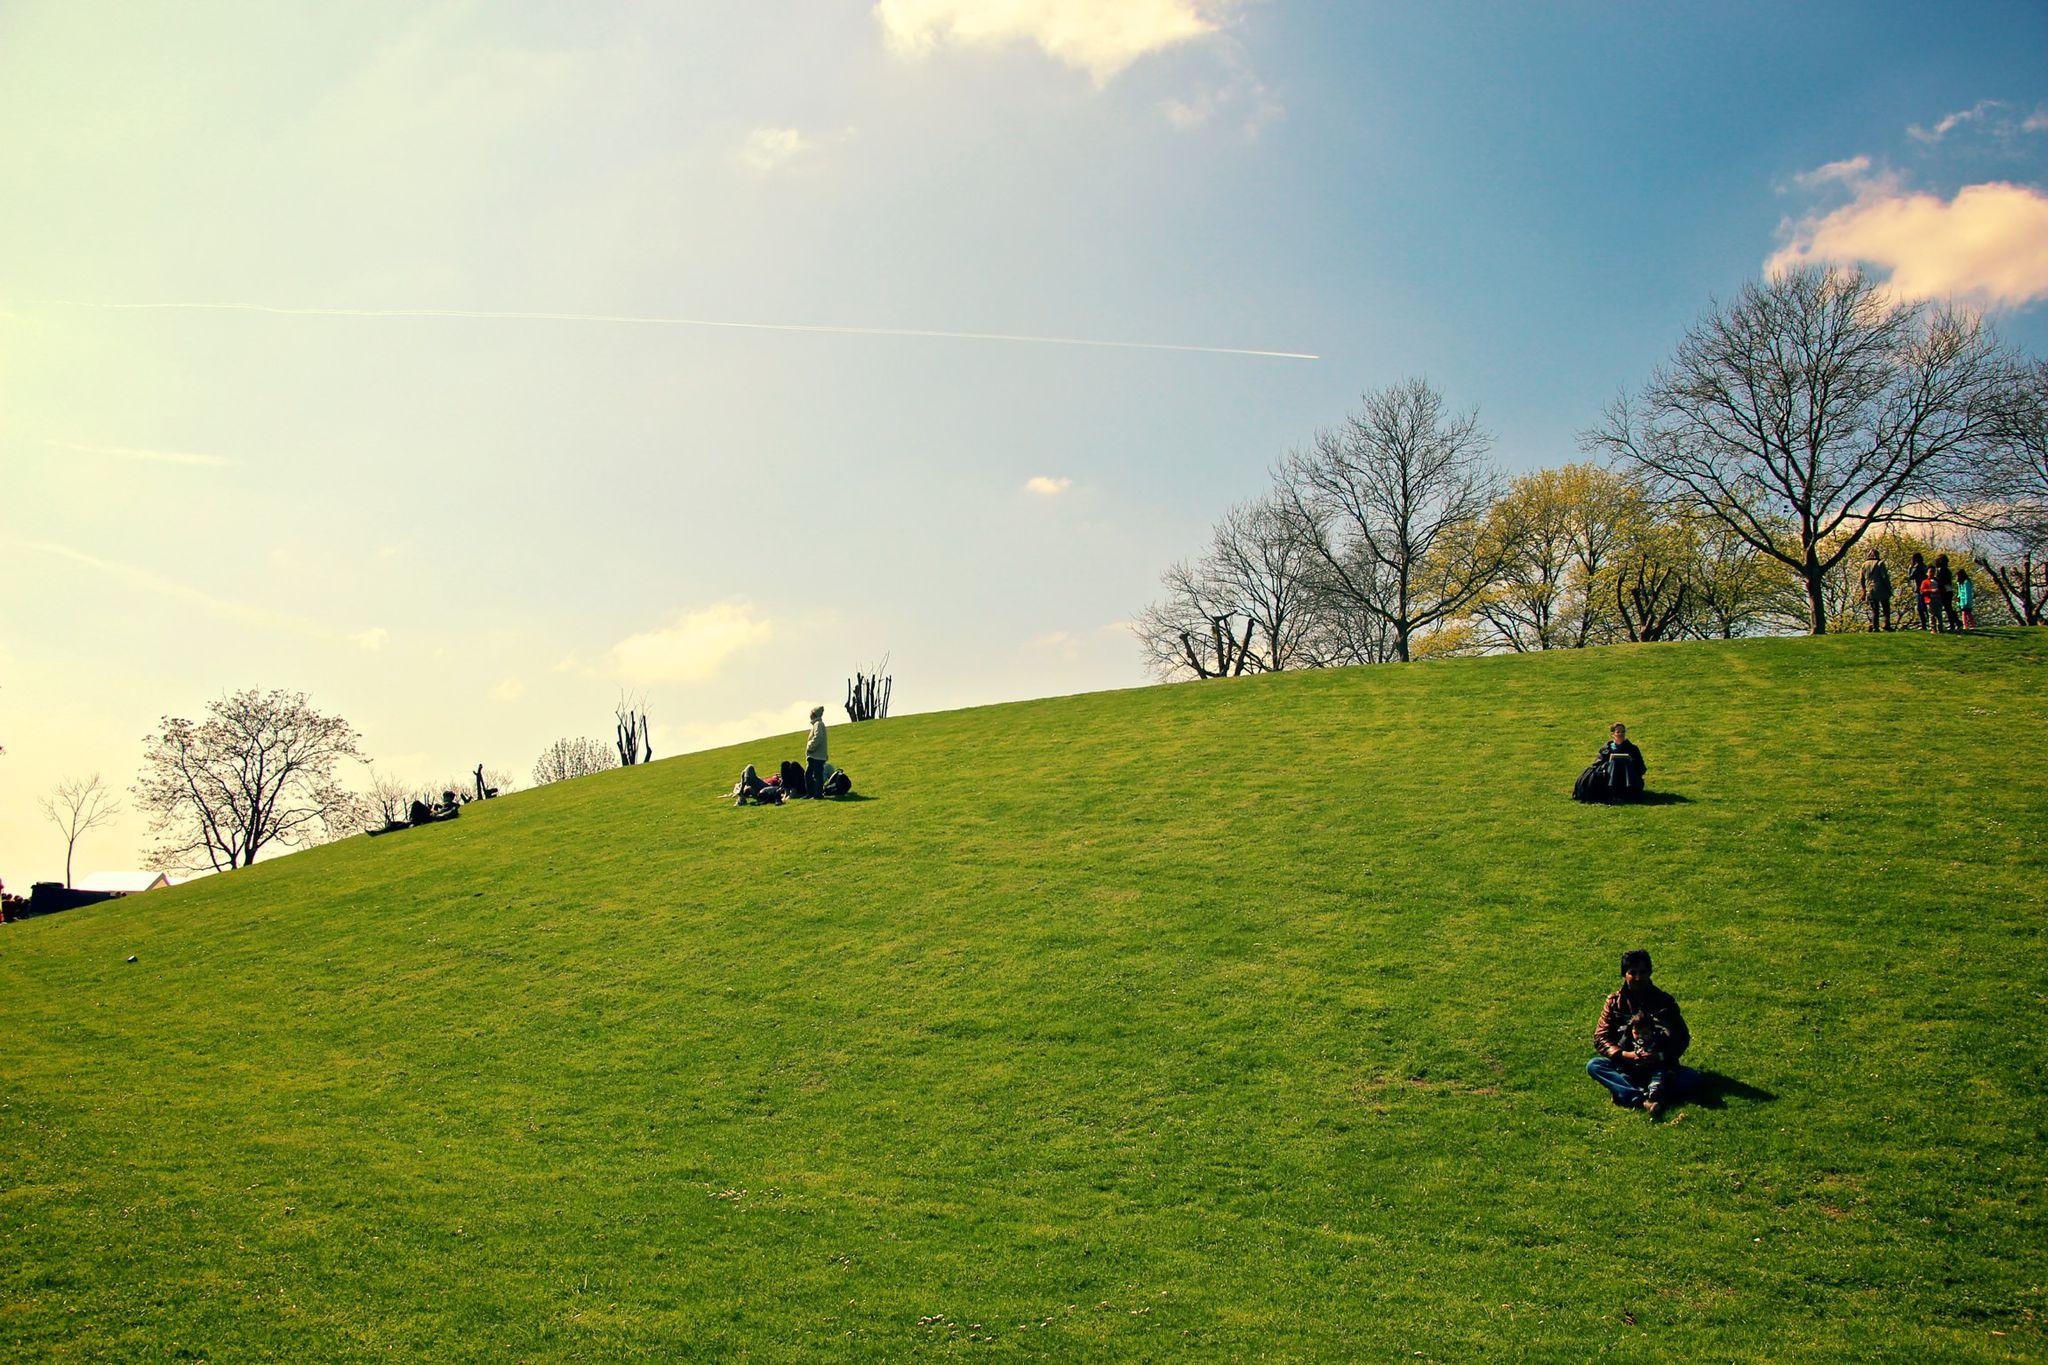 Spring in Bonn